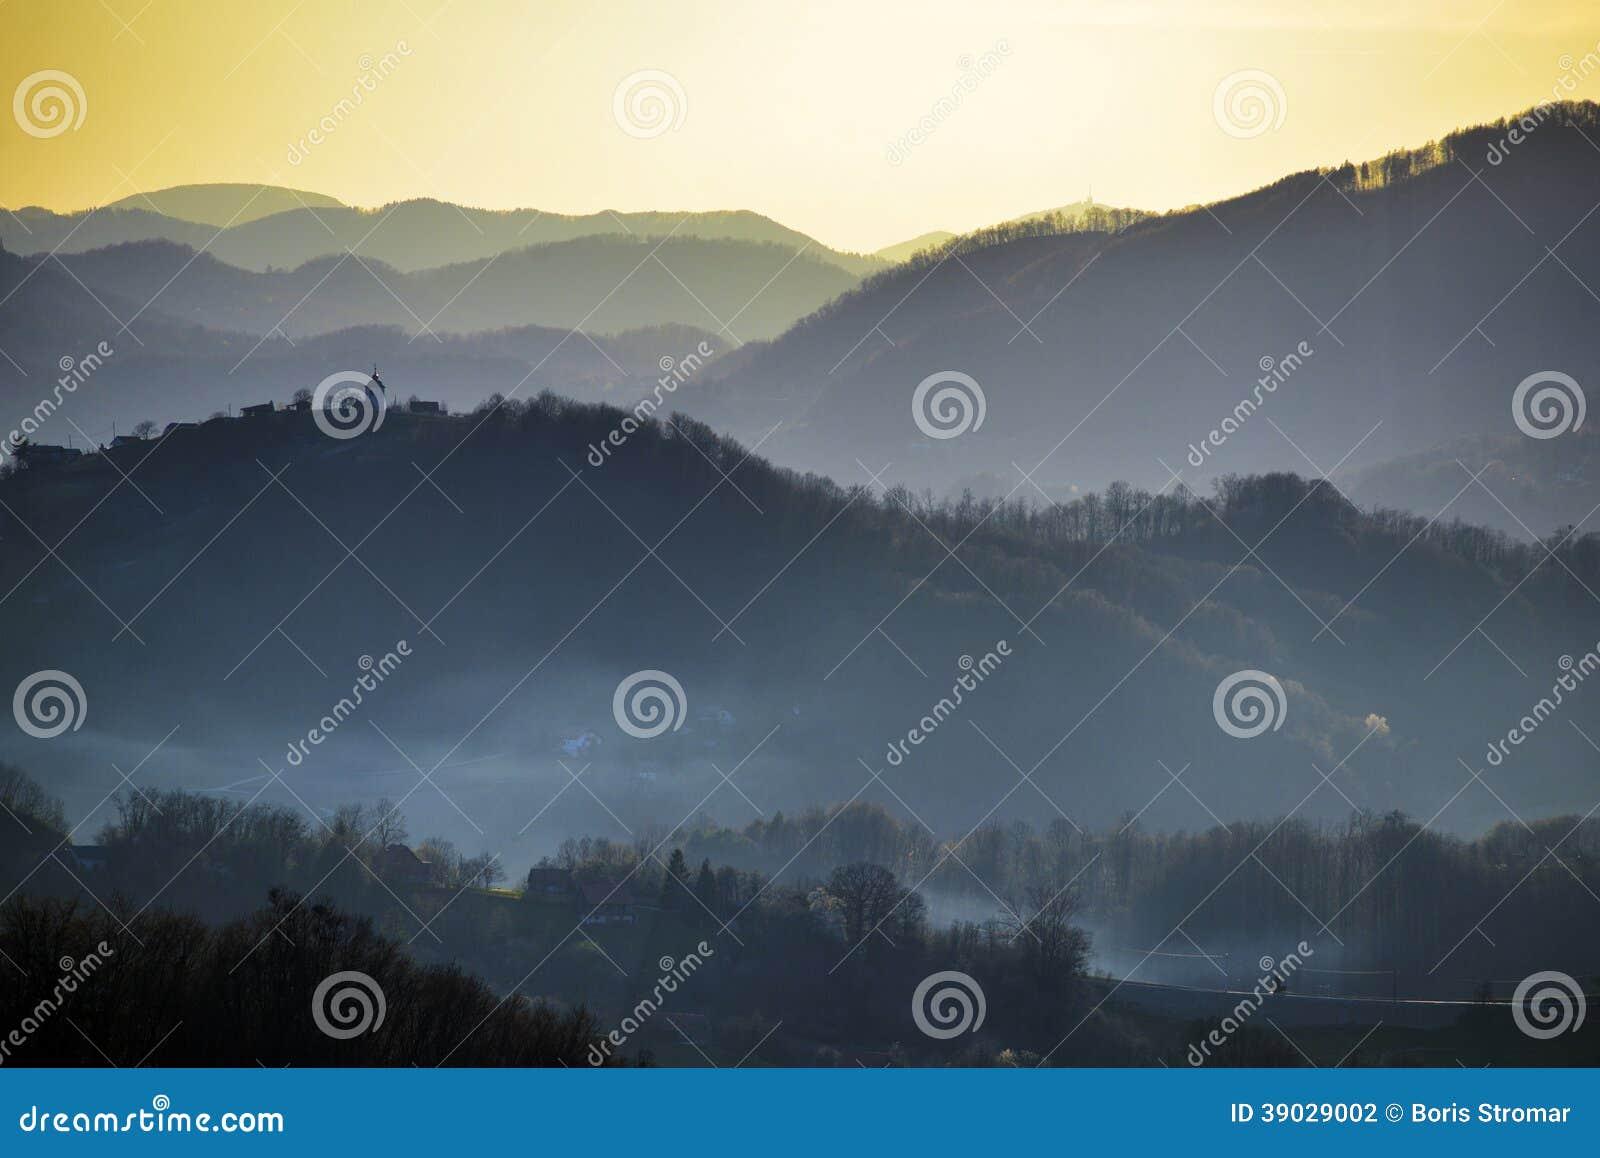 Hills of Zagorje